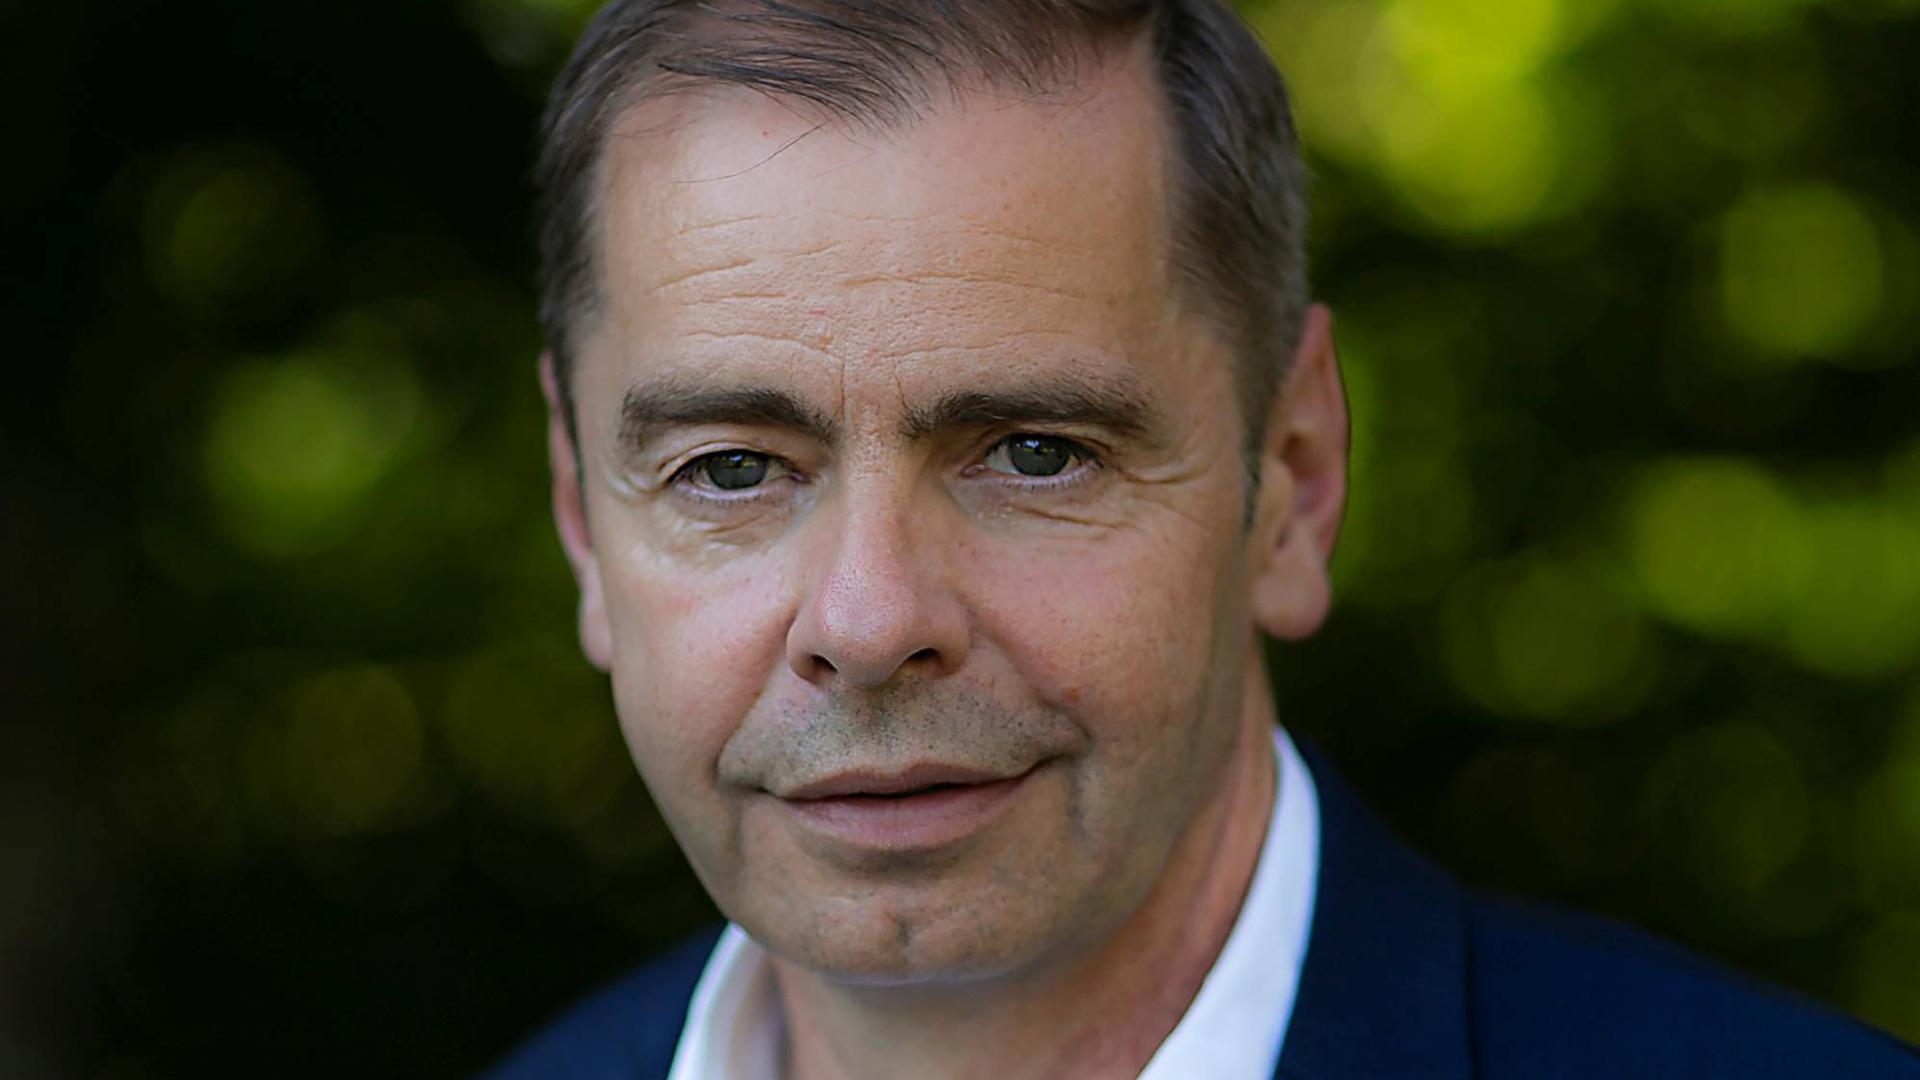 24 Jahre Bürgermeister und jetzt ist Schluss: Martin Büchner will einen Neuanfang und stellt sich nicht mehr der Bürgermeisterwahl im Herbst 2021.